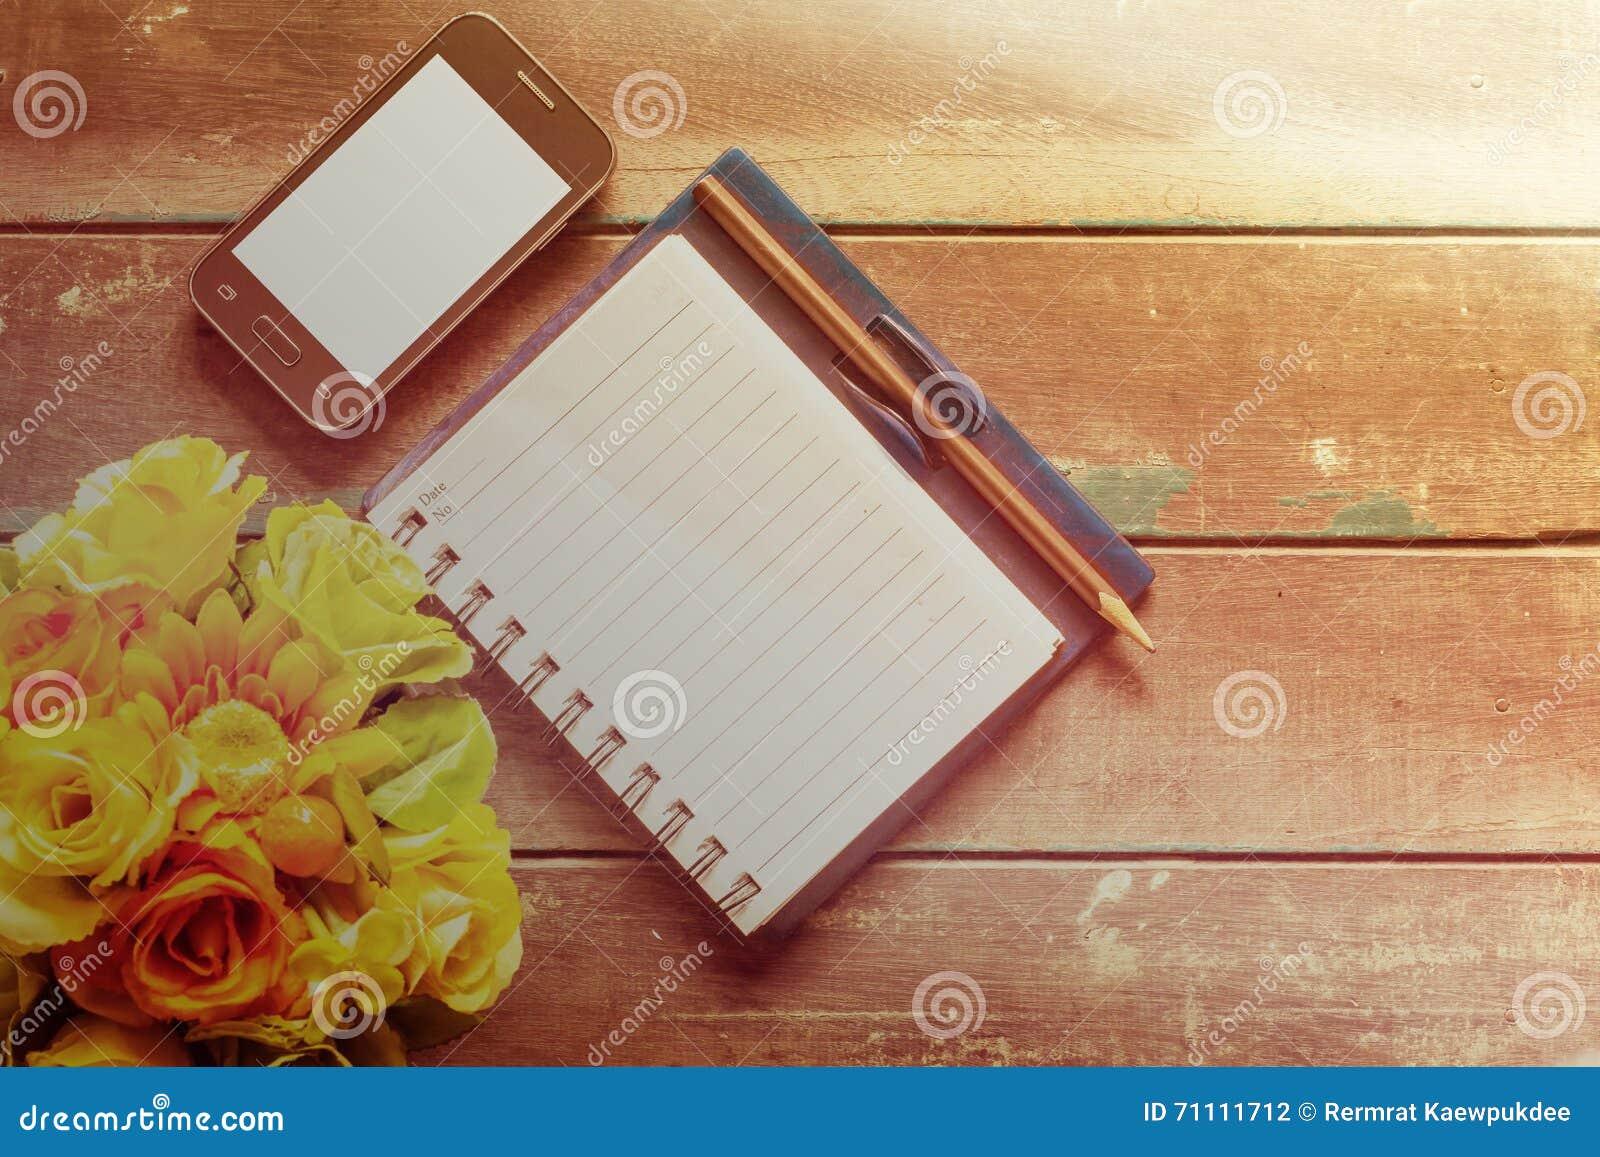 Notizbuch auf einem hölzernen